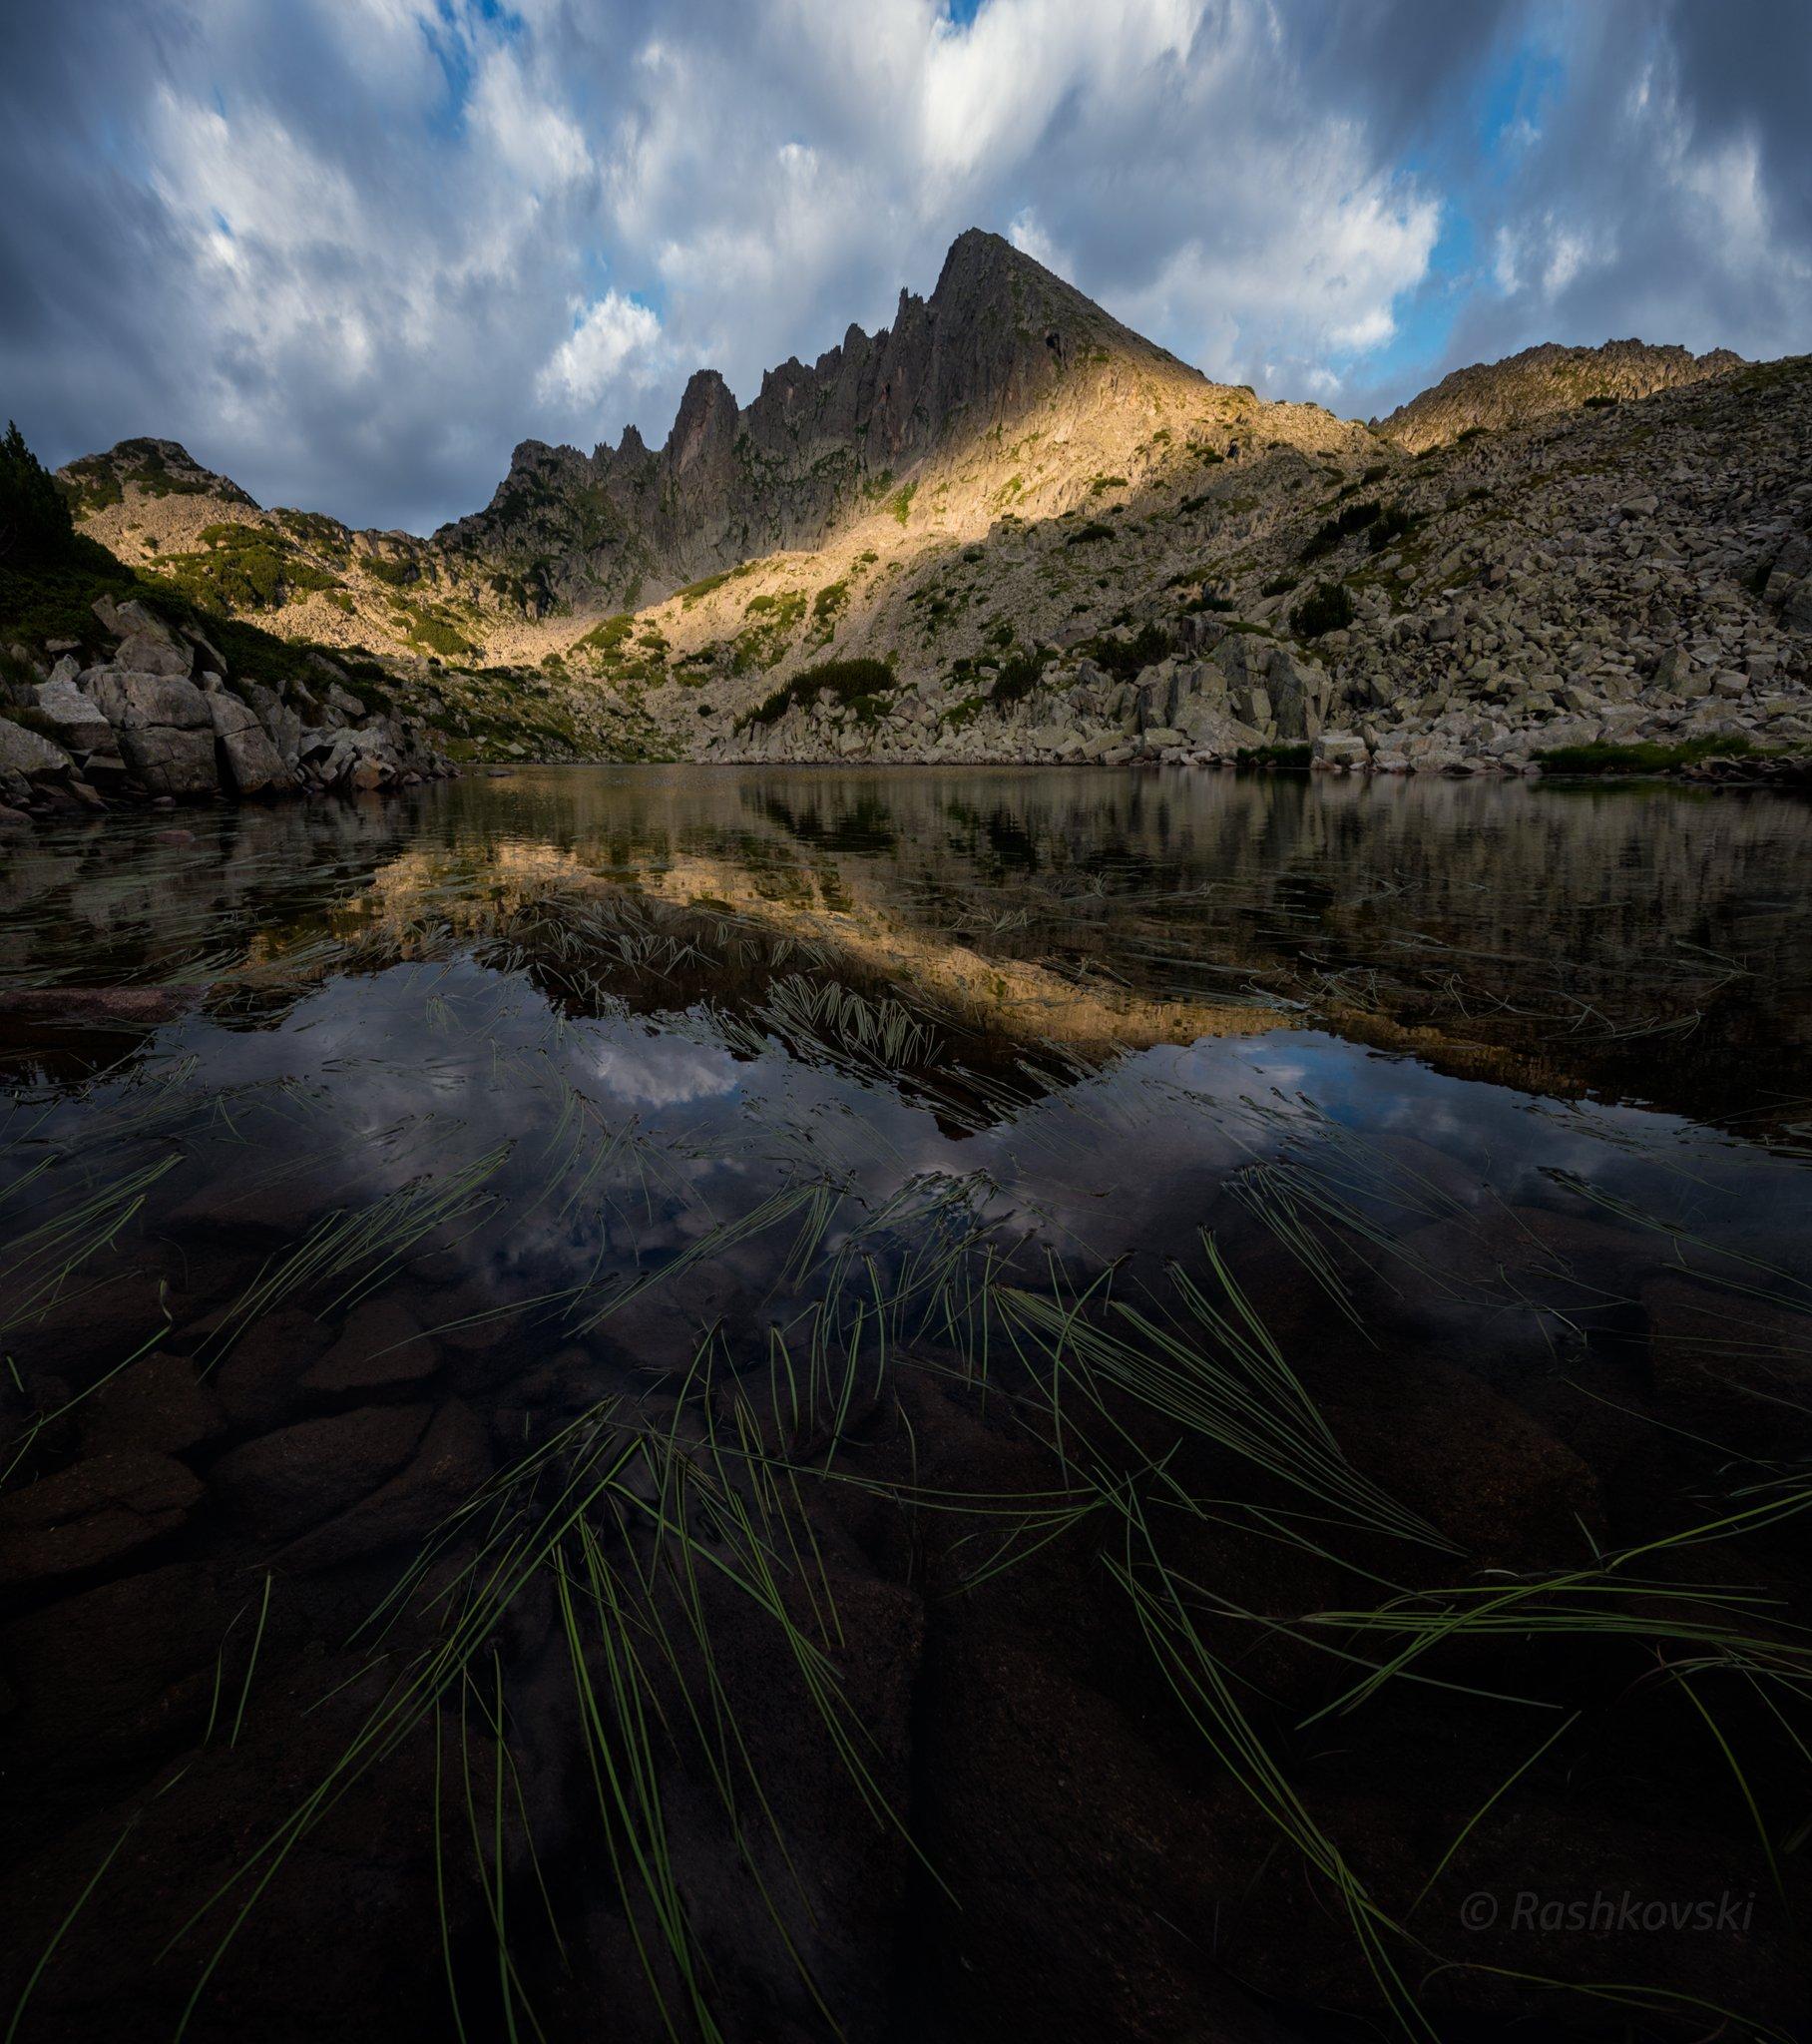 планина, езеро, lake, mountain, Емил Рашковски